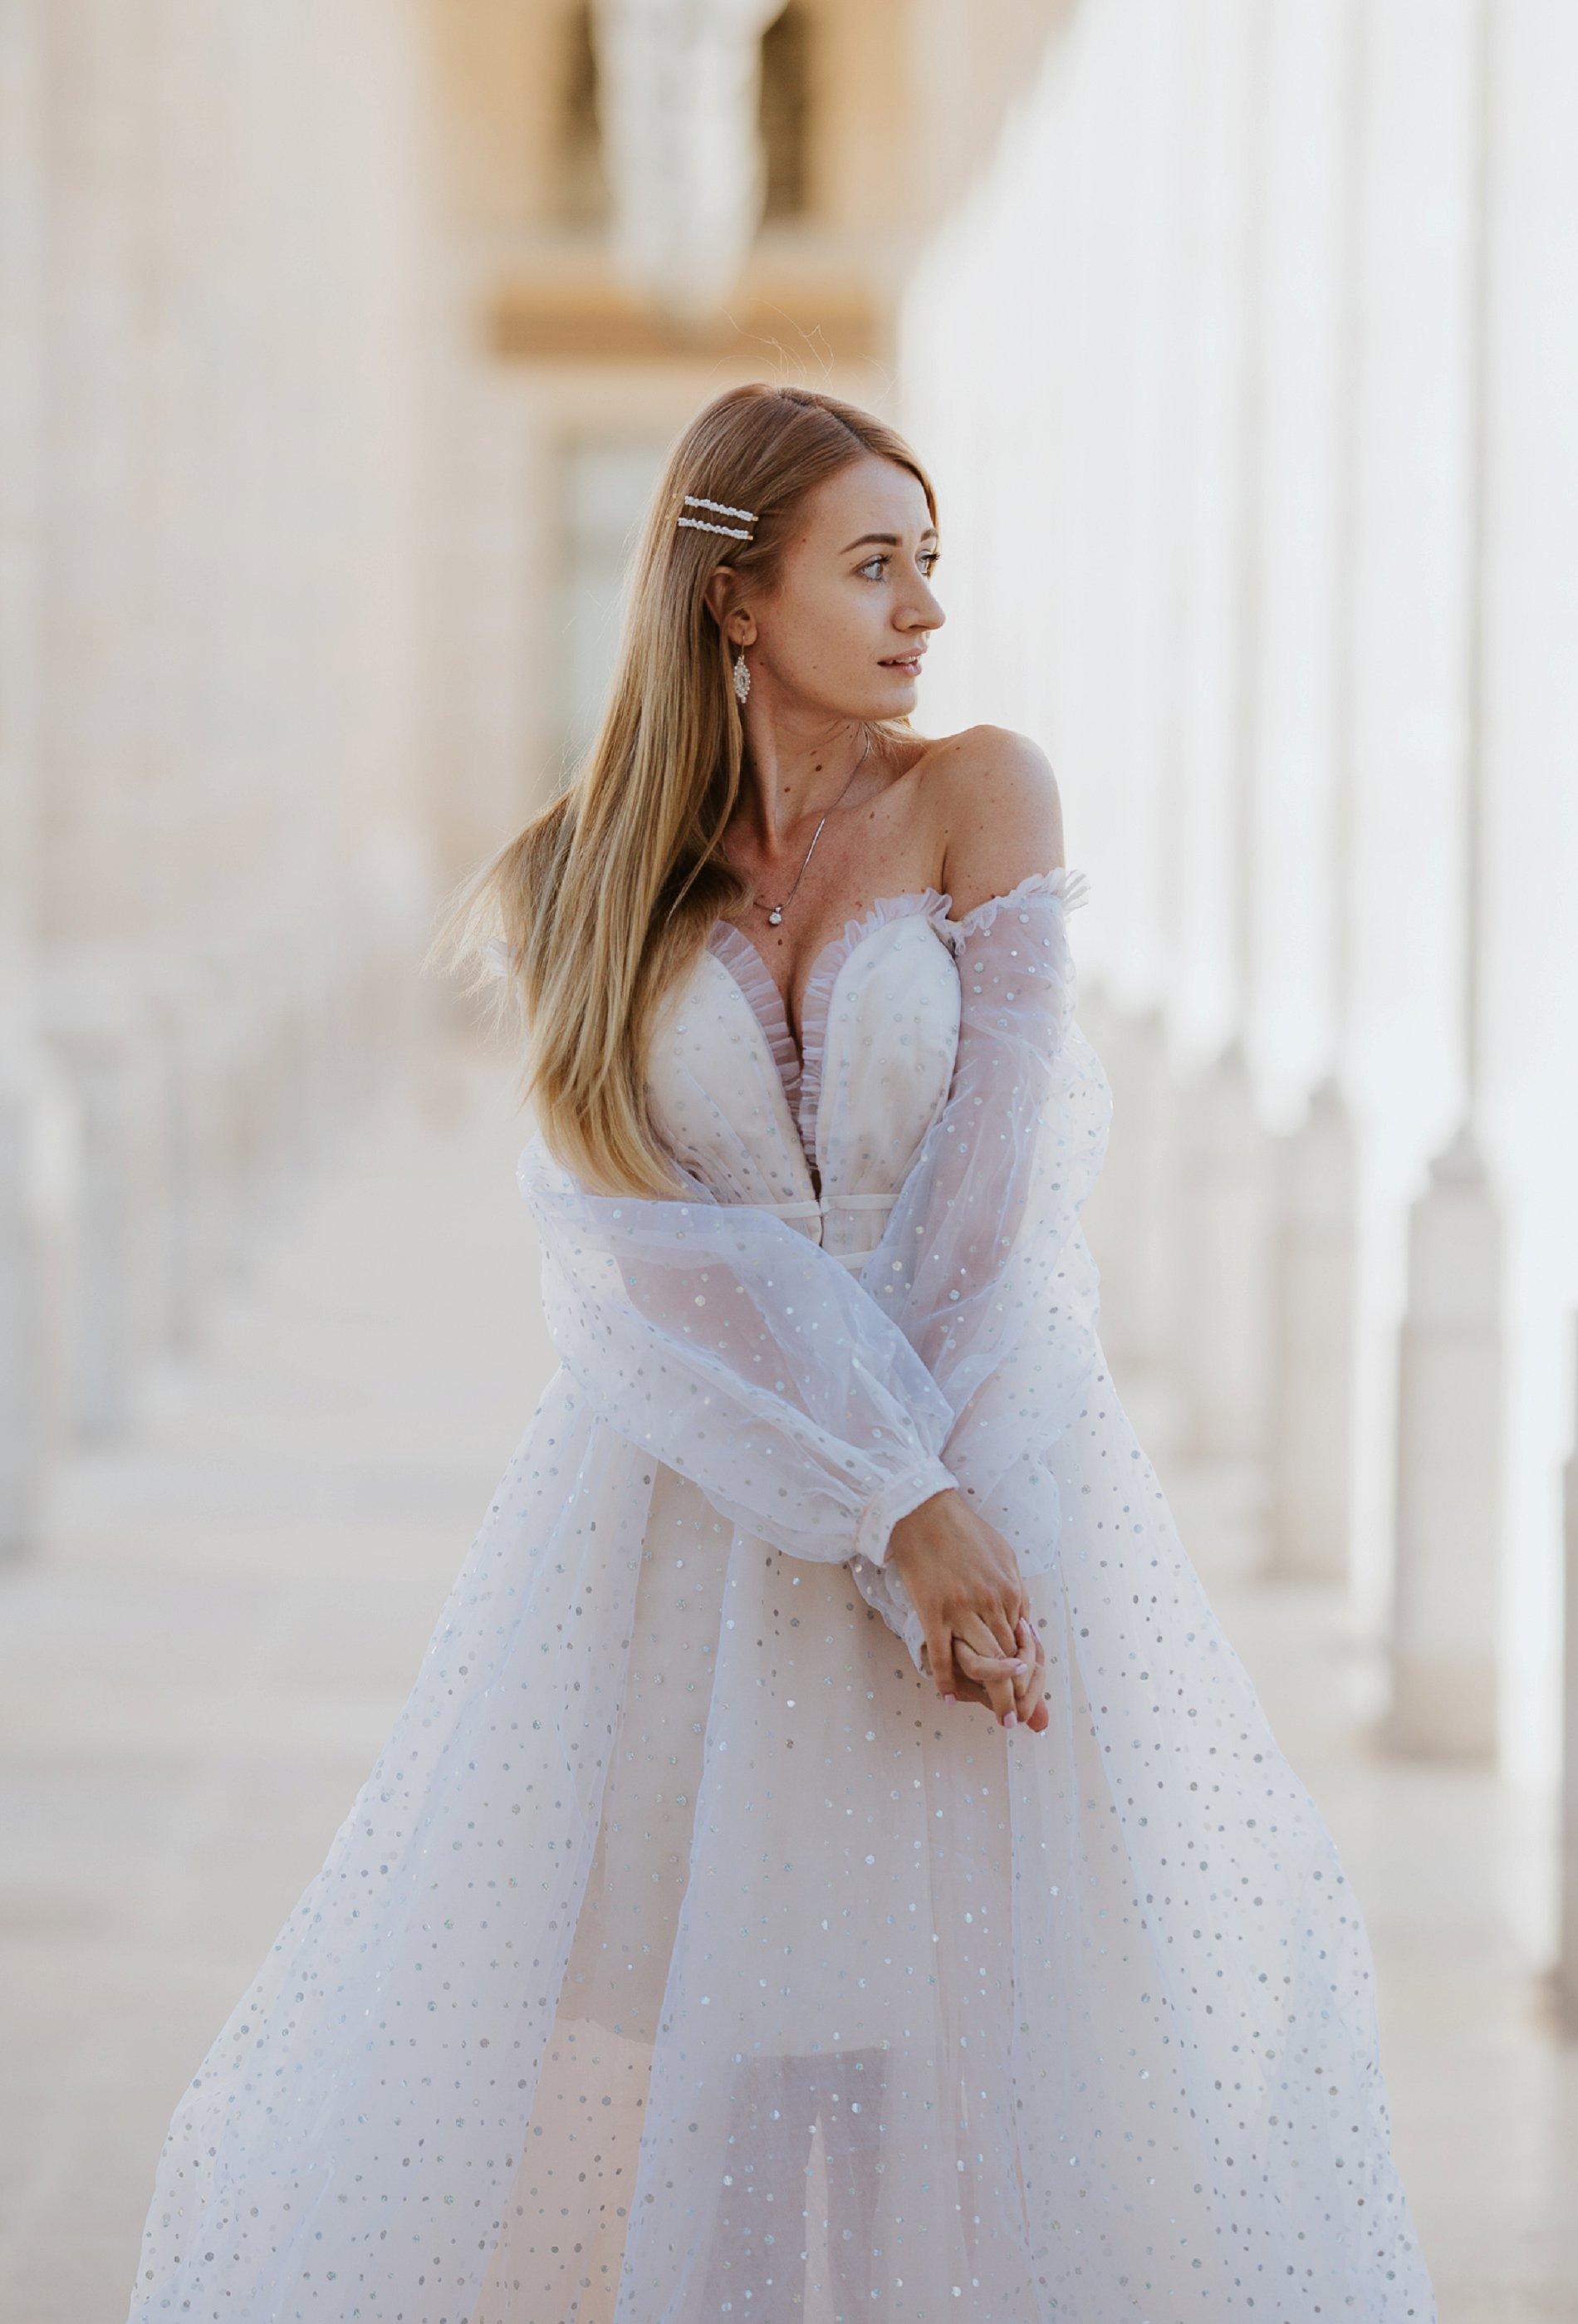 Miss He Bridal Romantic Paris Elopement (c) Xanthe Rowland Photography (18)